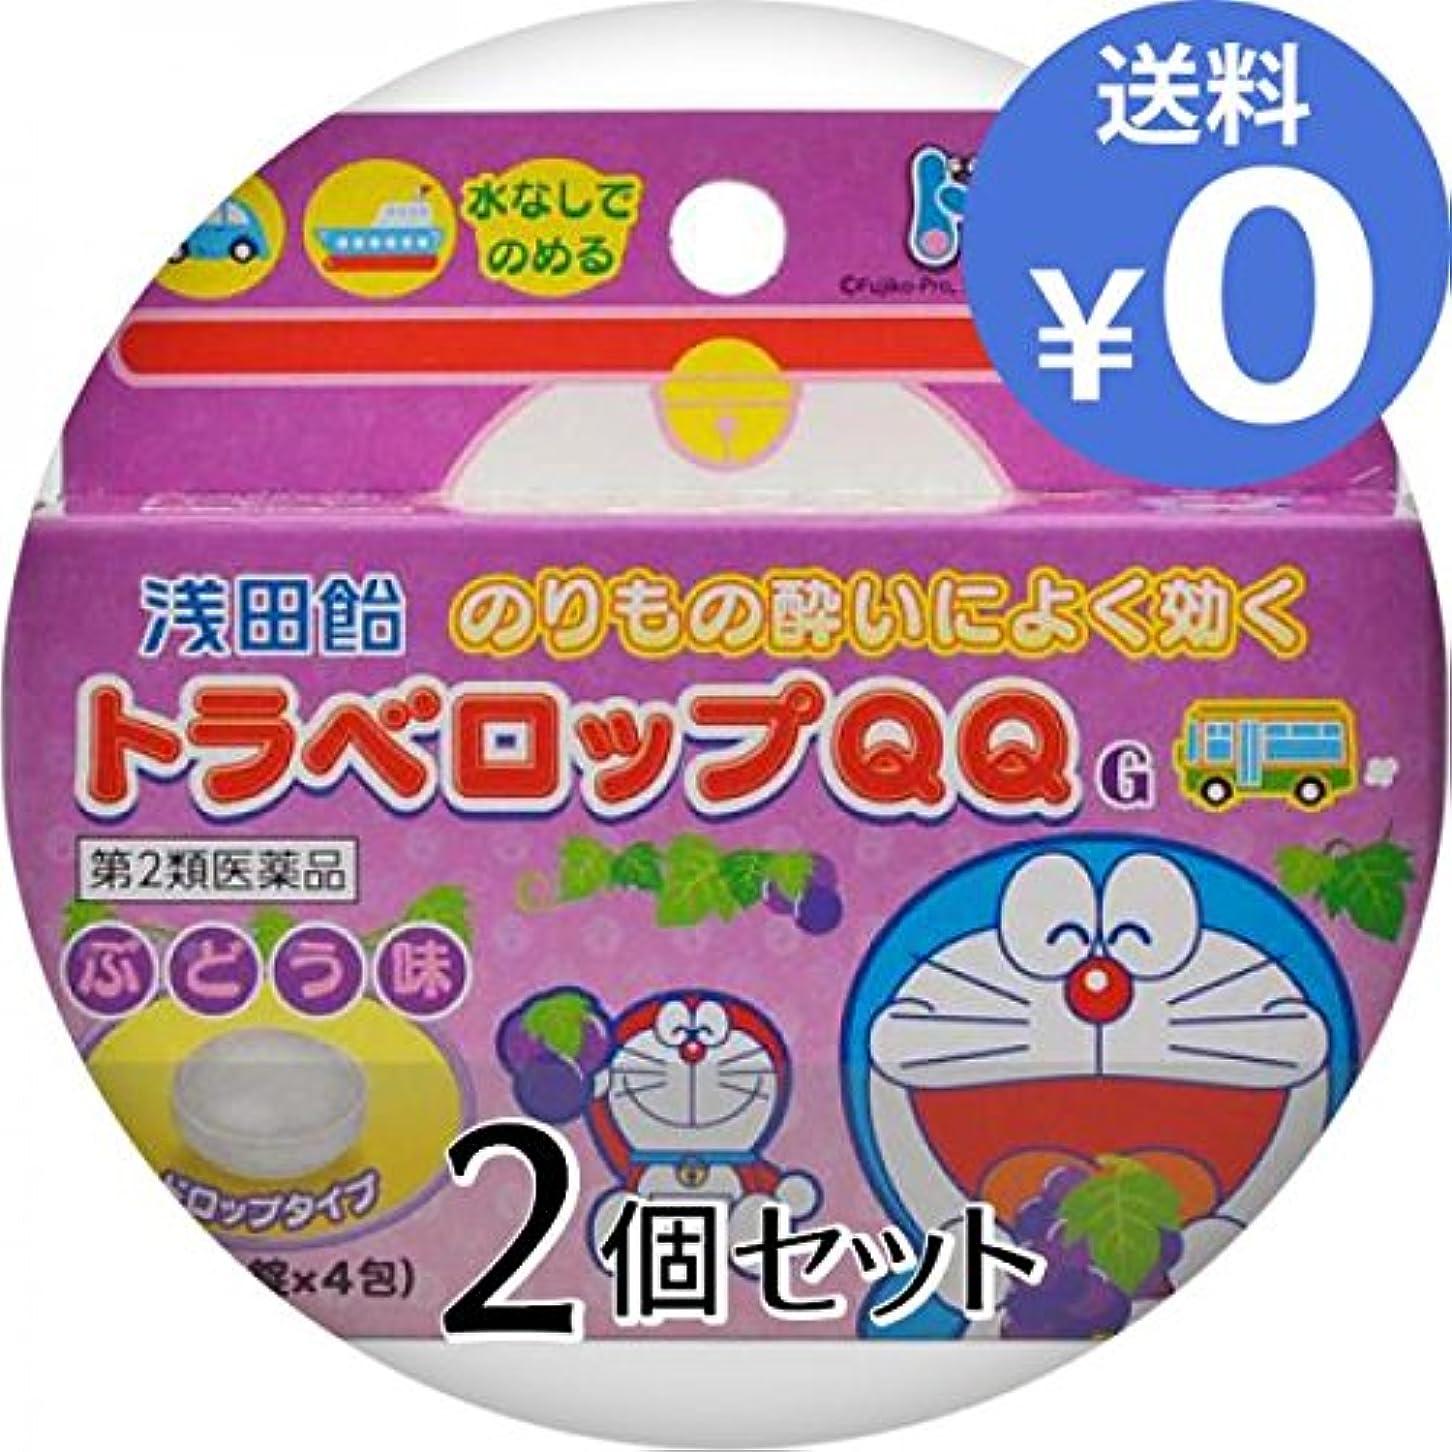 砂漠潮器官【第2類医薬品】トラベルミン1 - 3錠 ×3